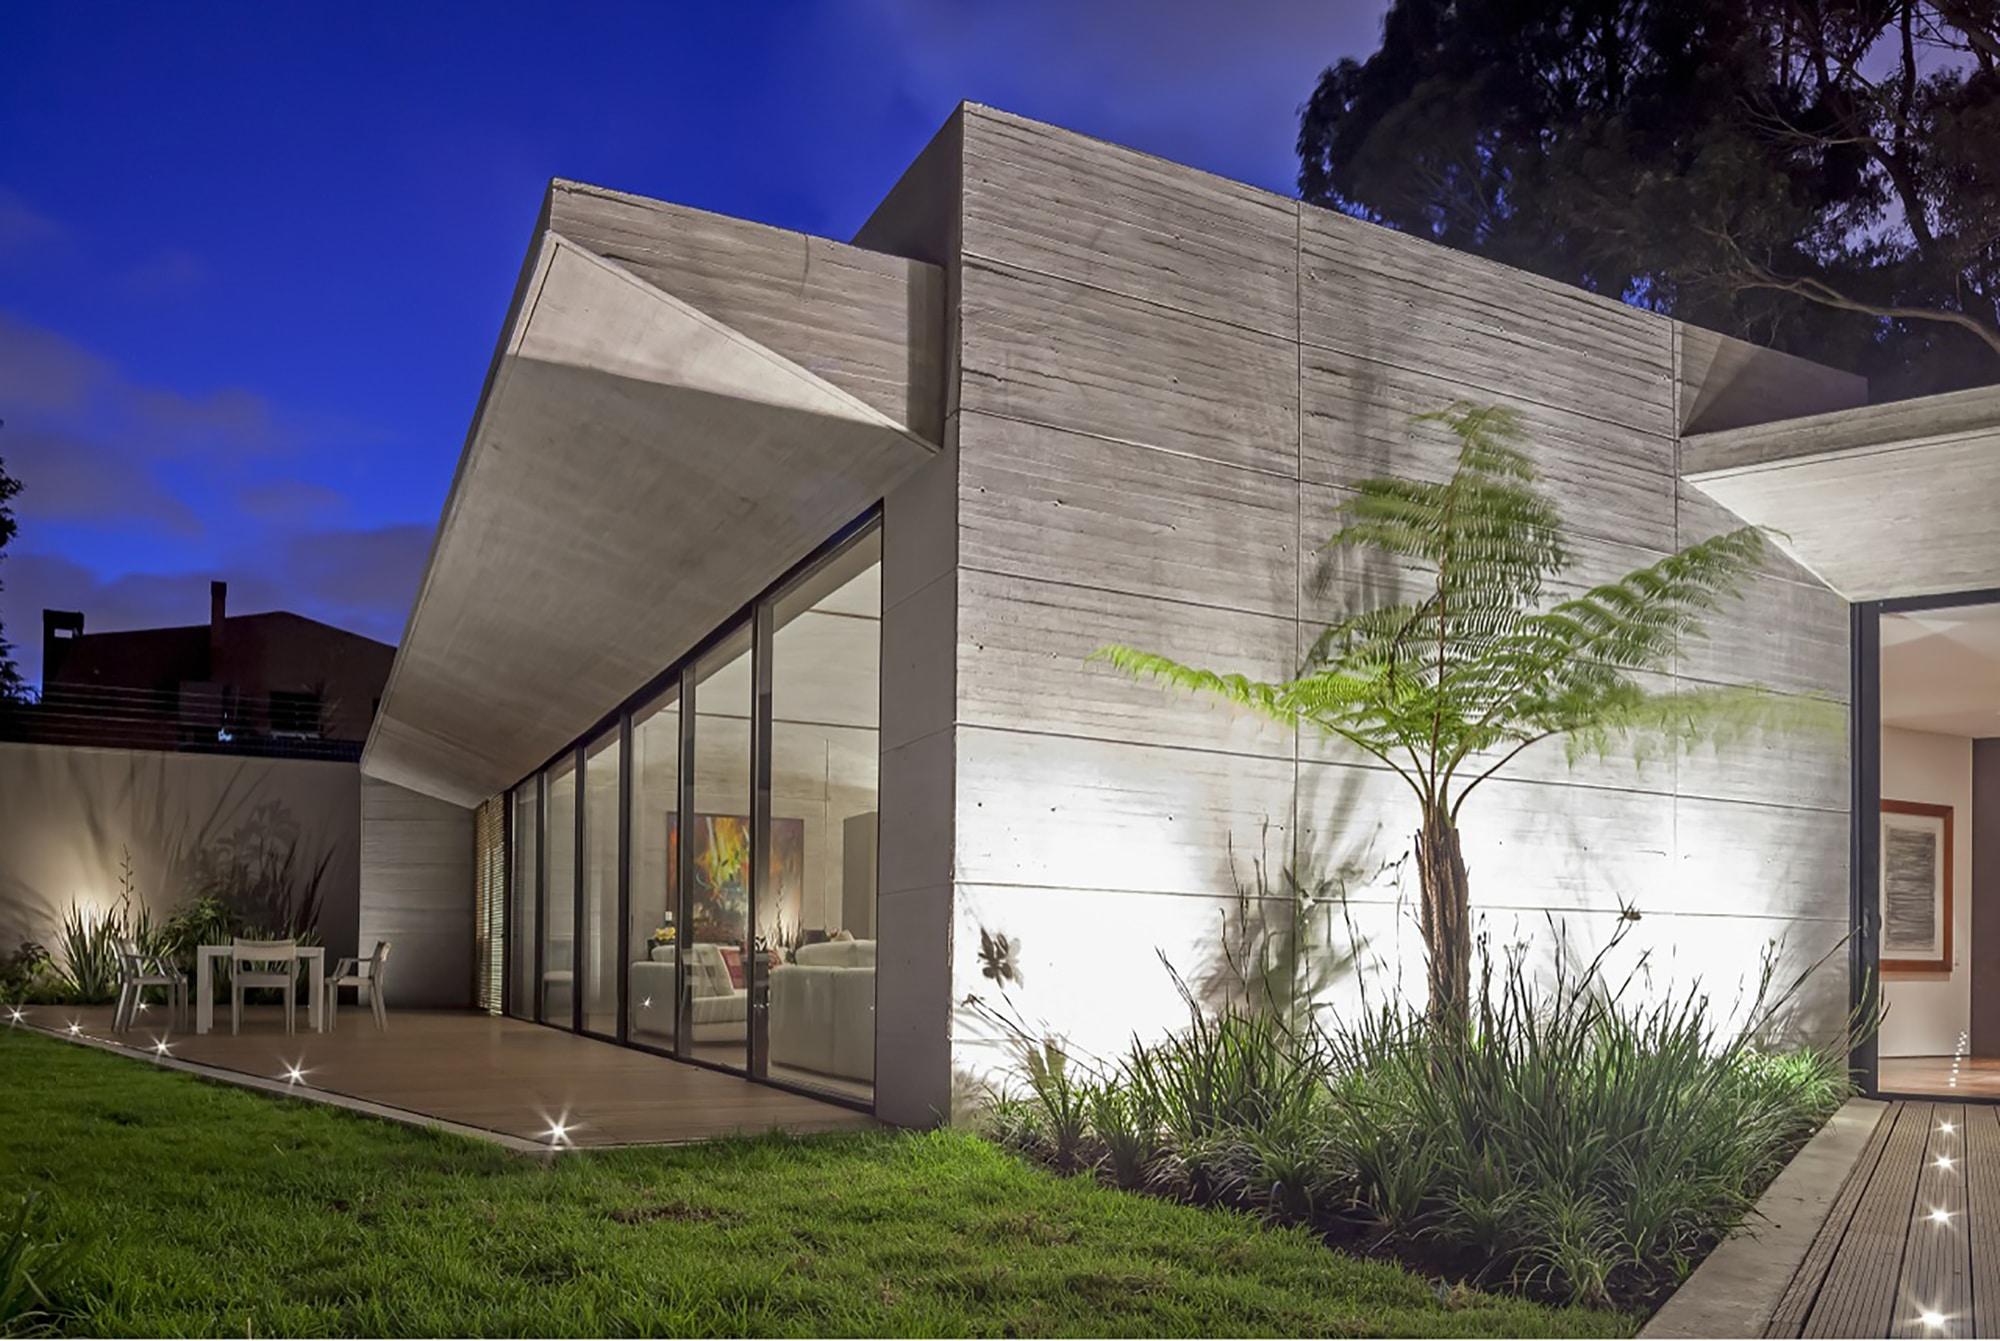 Moderno dise o casa de un piso con planos construye hogar - Casas diseno moderno ...